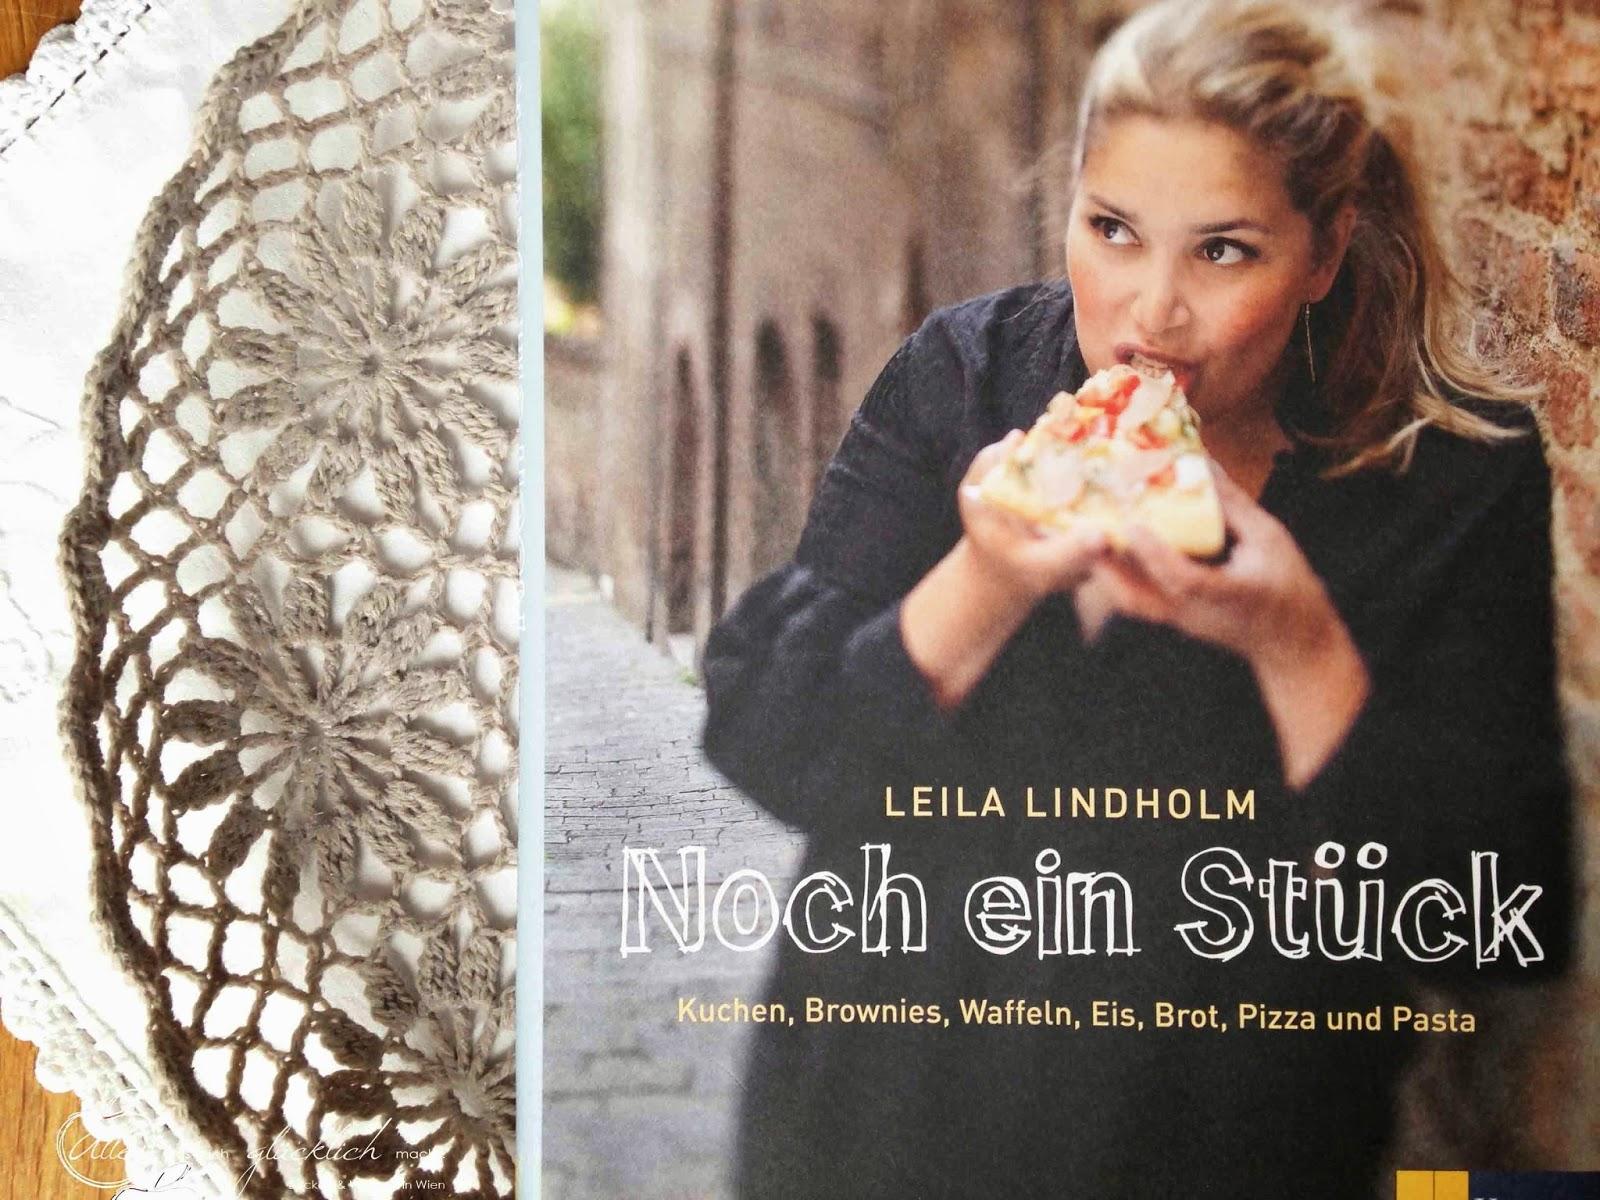 Leila Lindholm Noch ein Stück